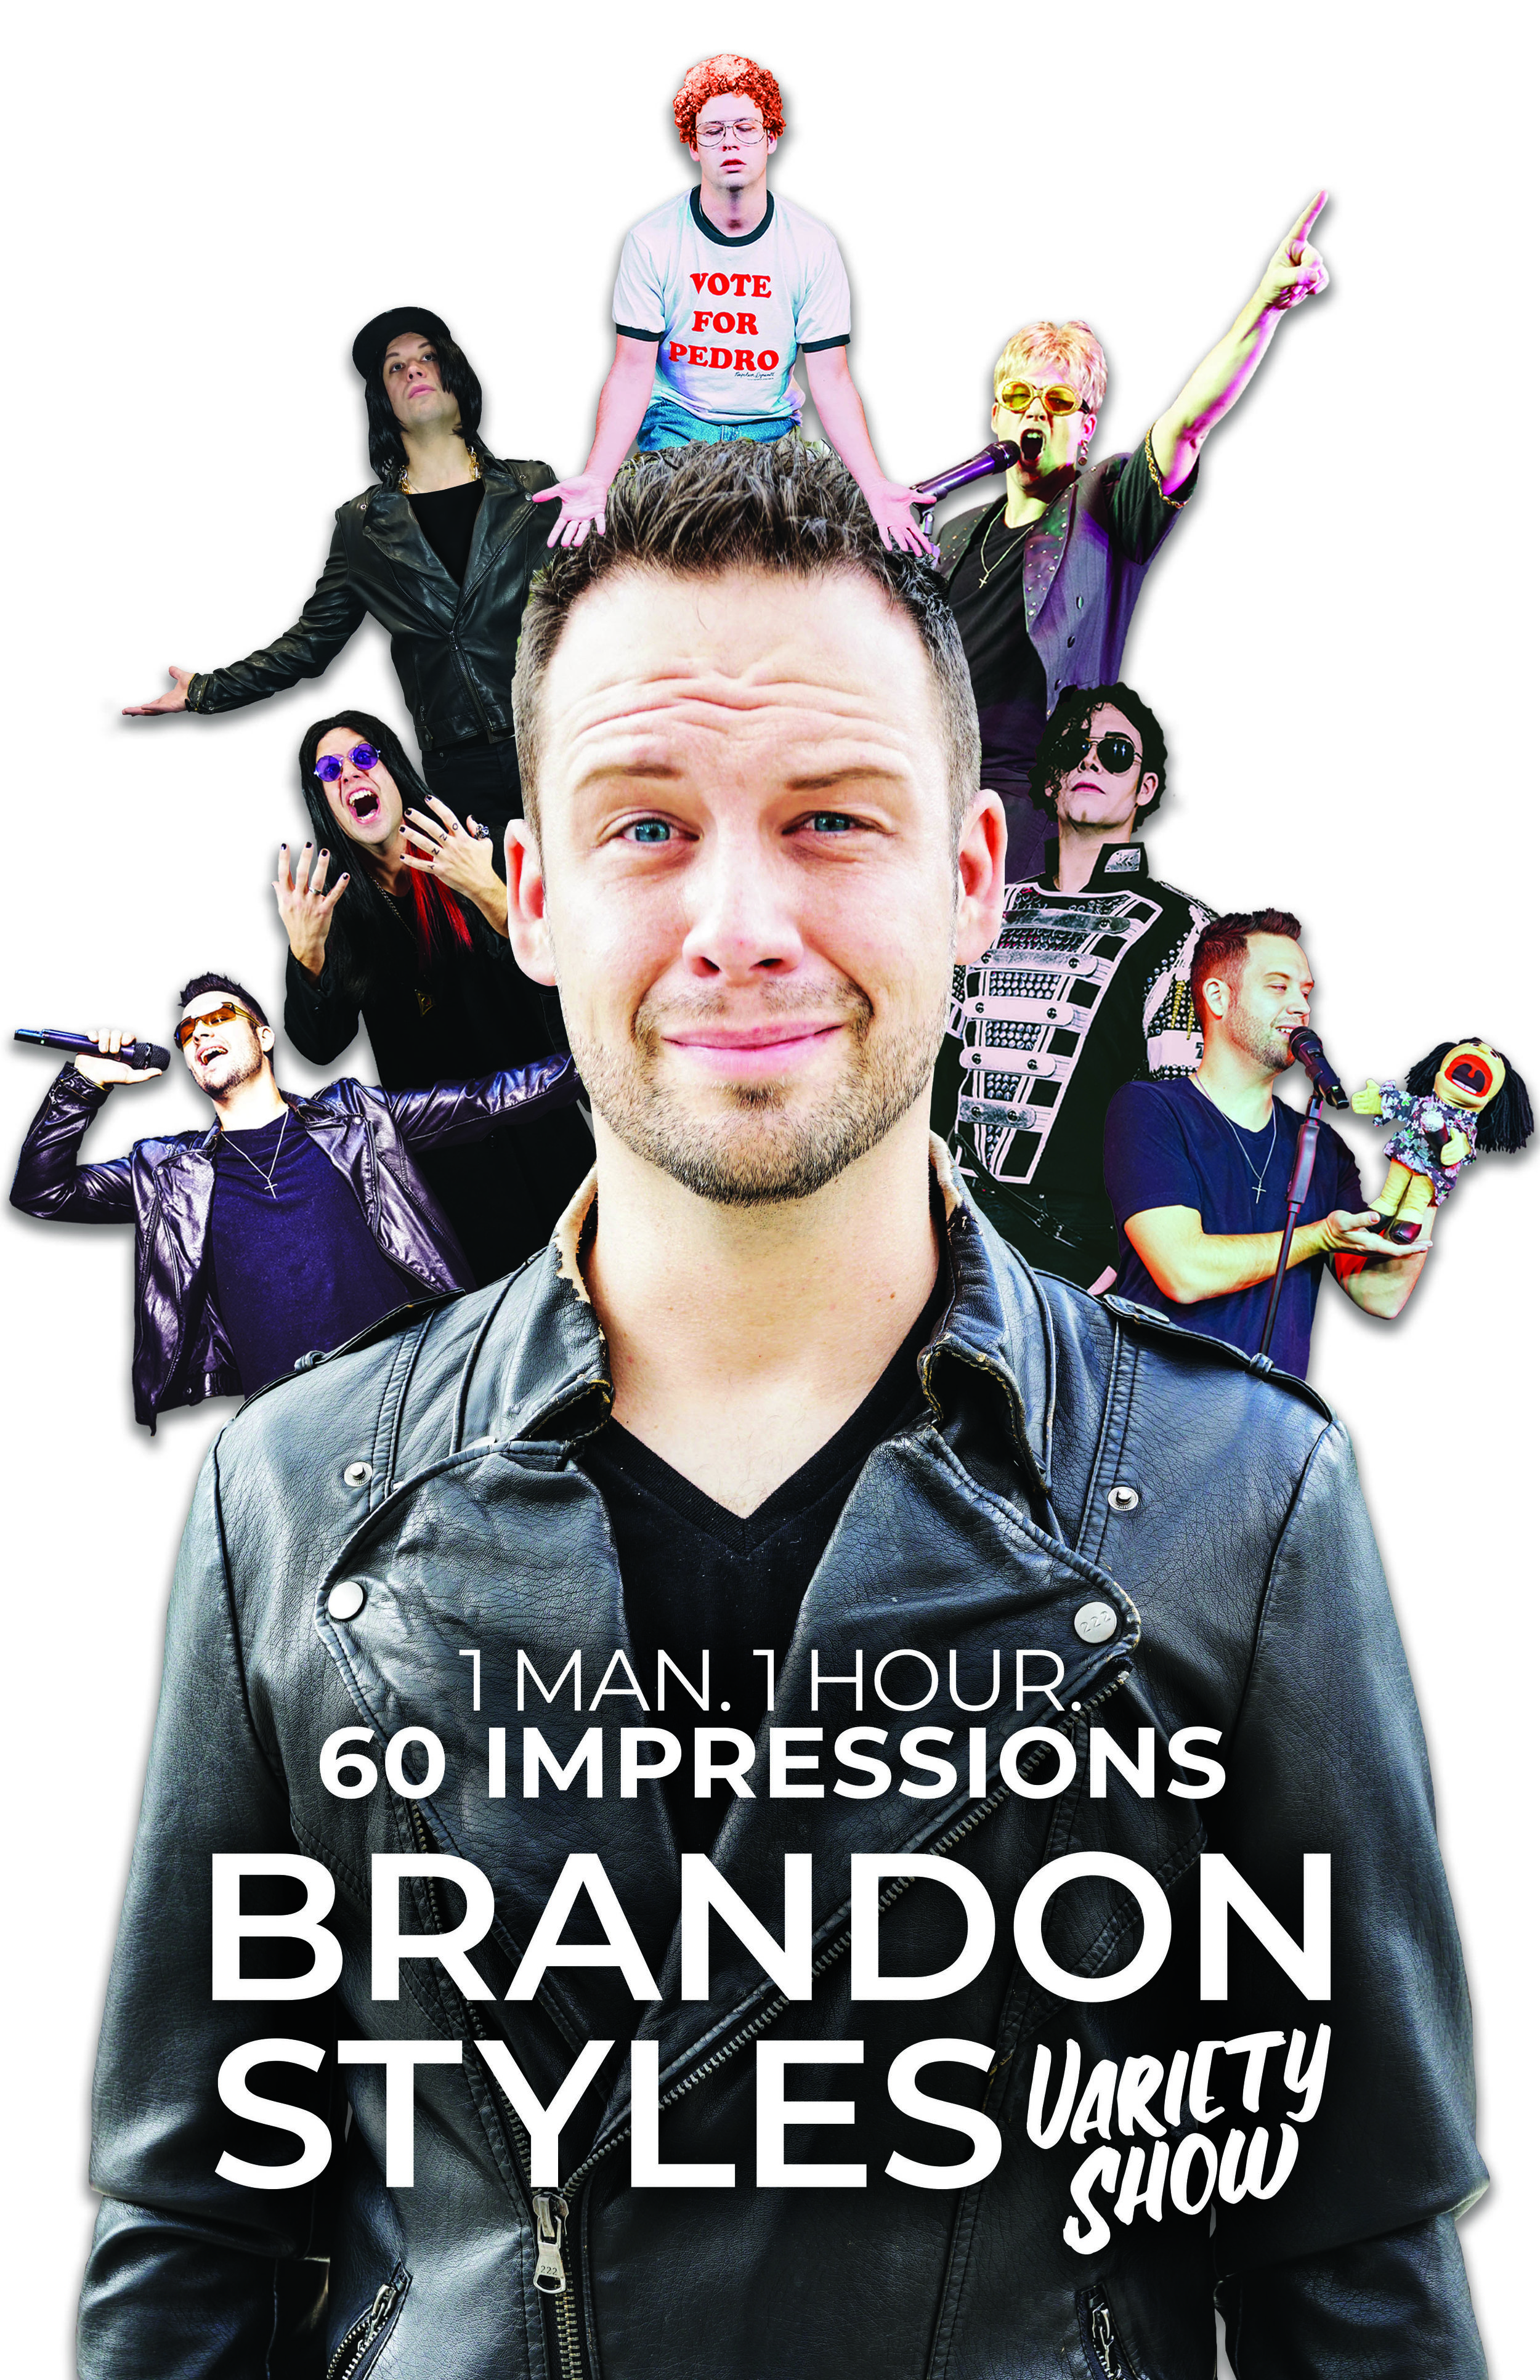 Brandon Styles Variety Show Poster V1.jpg